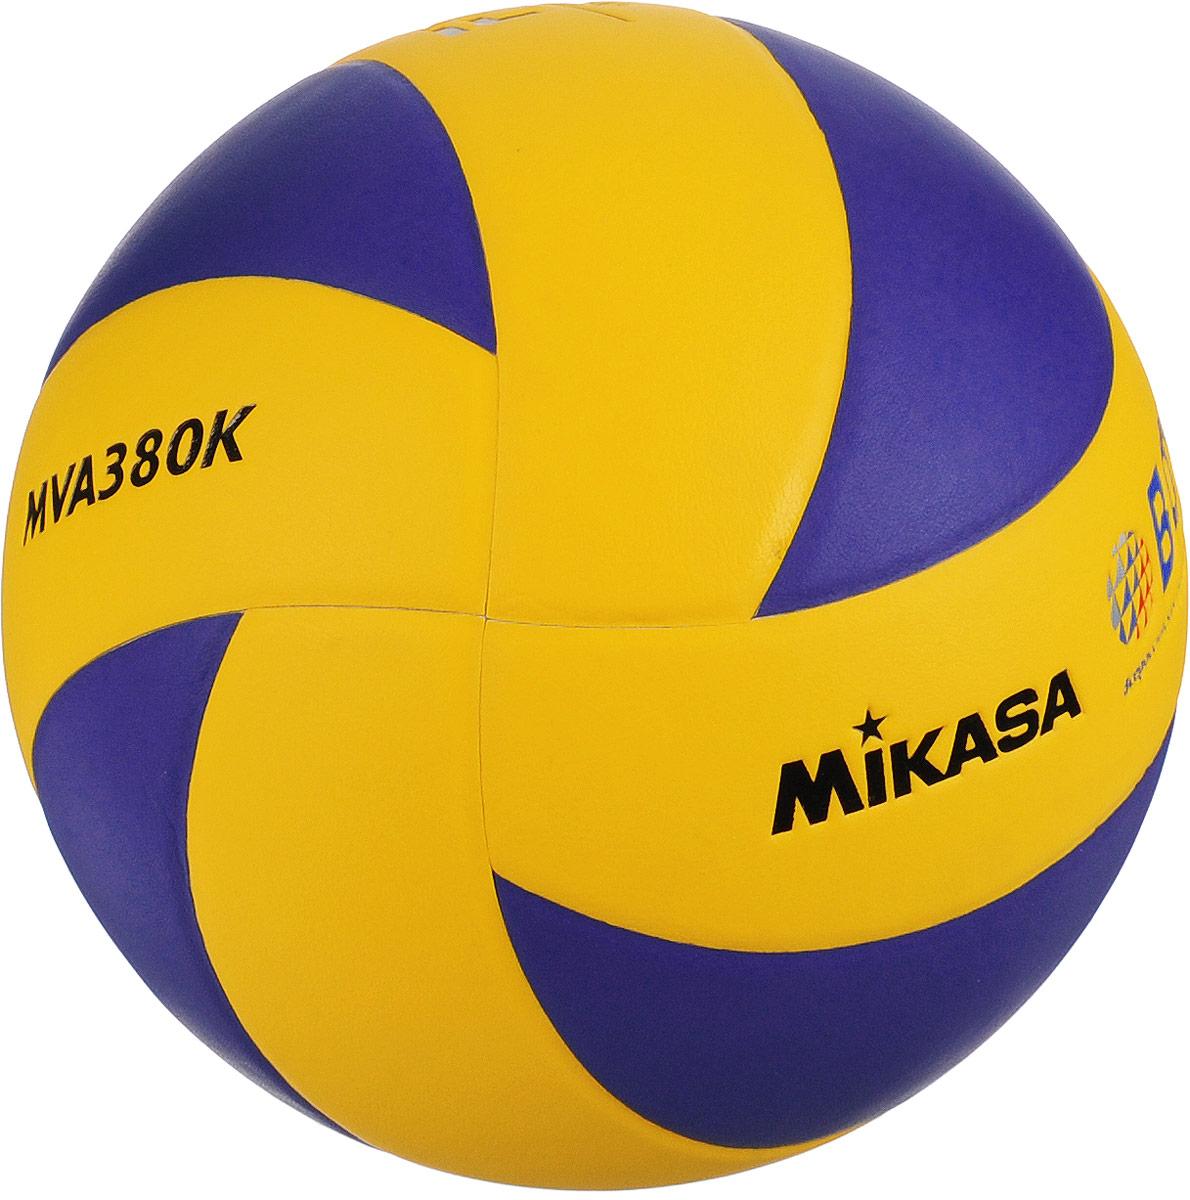 Мяч волейбольный Mikasa MVA 380K. Размер 5УТ-00005647Mikasa MVA 380K - это тренировочный и любительский мяч для тех, кто хочет играть в течение длительного времени настоящим брендовым мячом. Мяч состоит из 8 панелей, выполненных из синтетической кожи (поливинилхлорид). Камера выполнена из бутила и армирована нейлоновой нитью. УВАЖЕМЫЕ КЛИЕНТЫ! Обращаем ваше внимание на тот факт, что мяч поставляется в сдутом виде. Насос в комплект не входит.